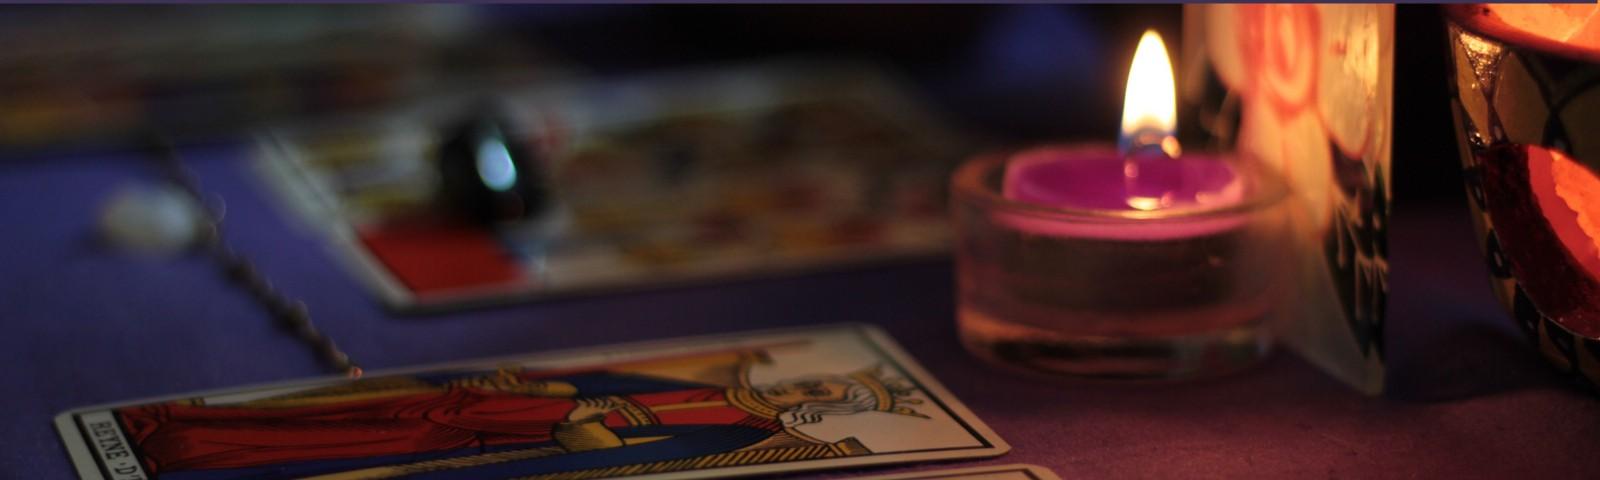 Гадание - тайная завеса. есть ли секрет у загаданного вами человека | гадание на картах таро и рунах | яндекс дзен